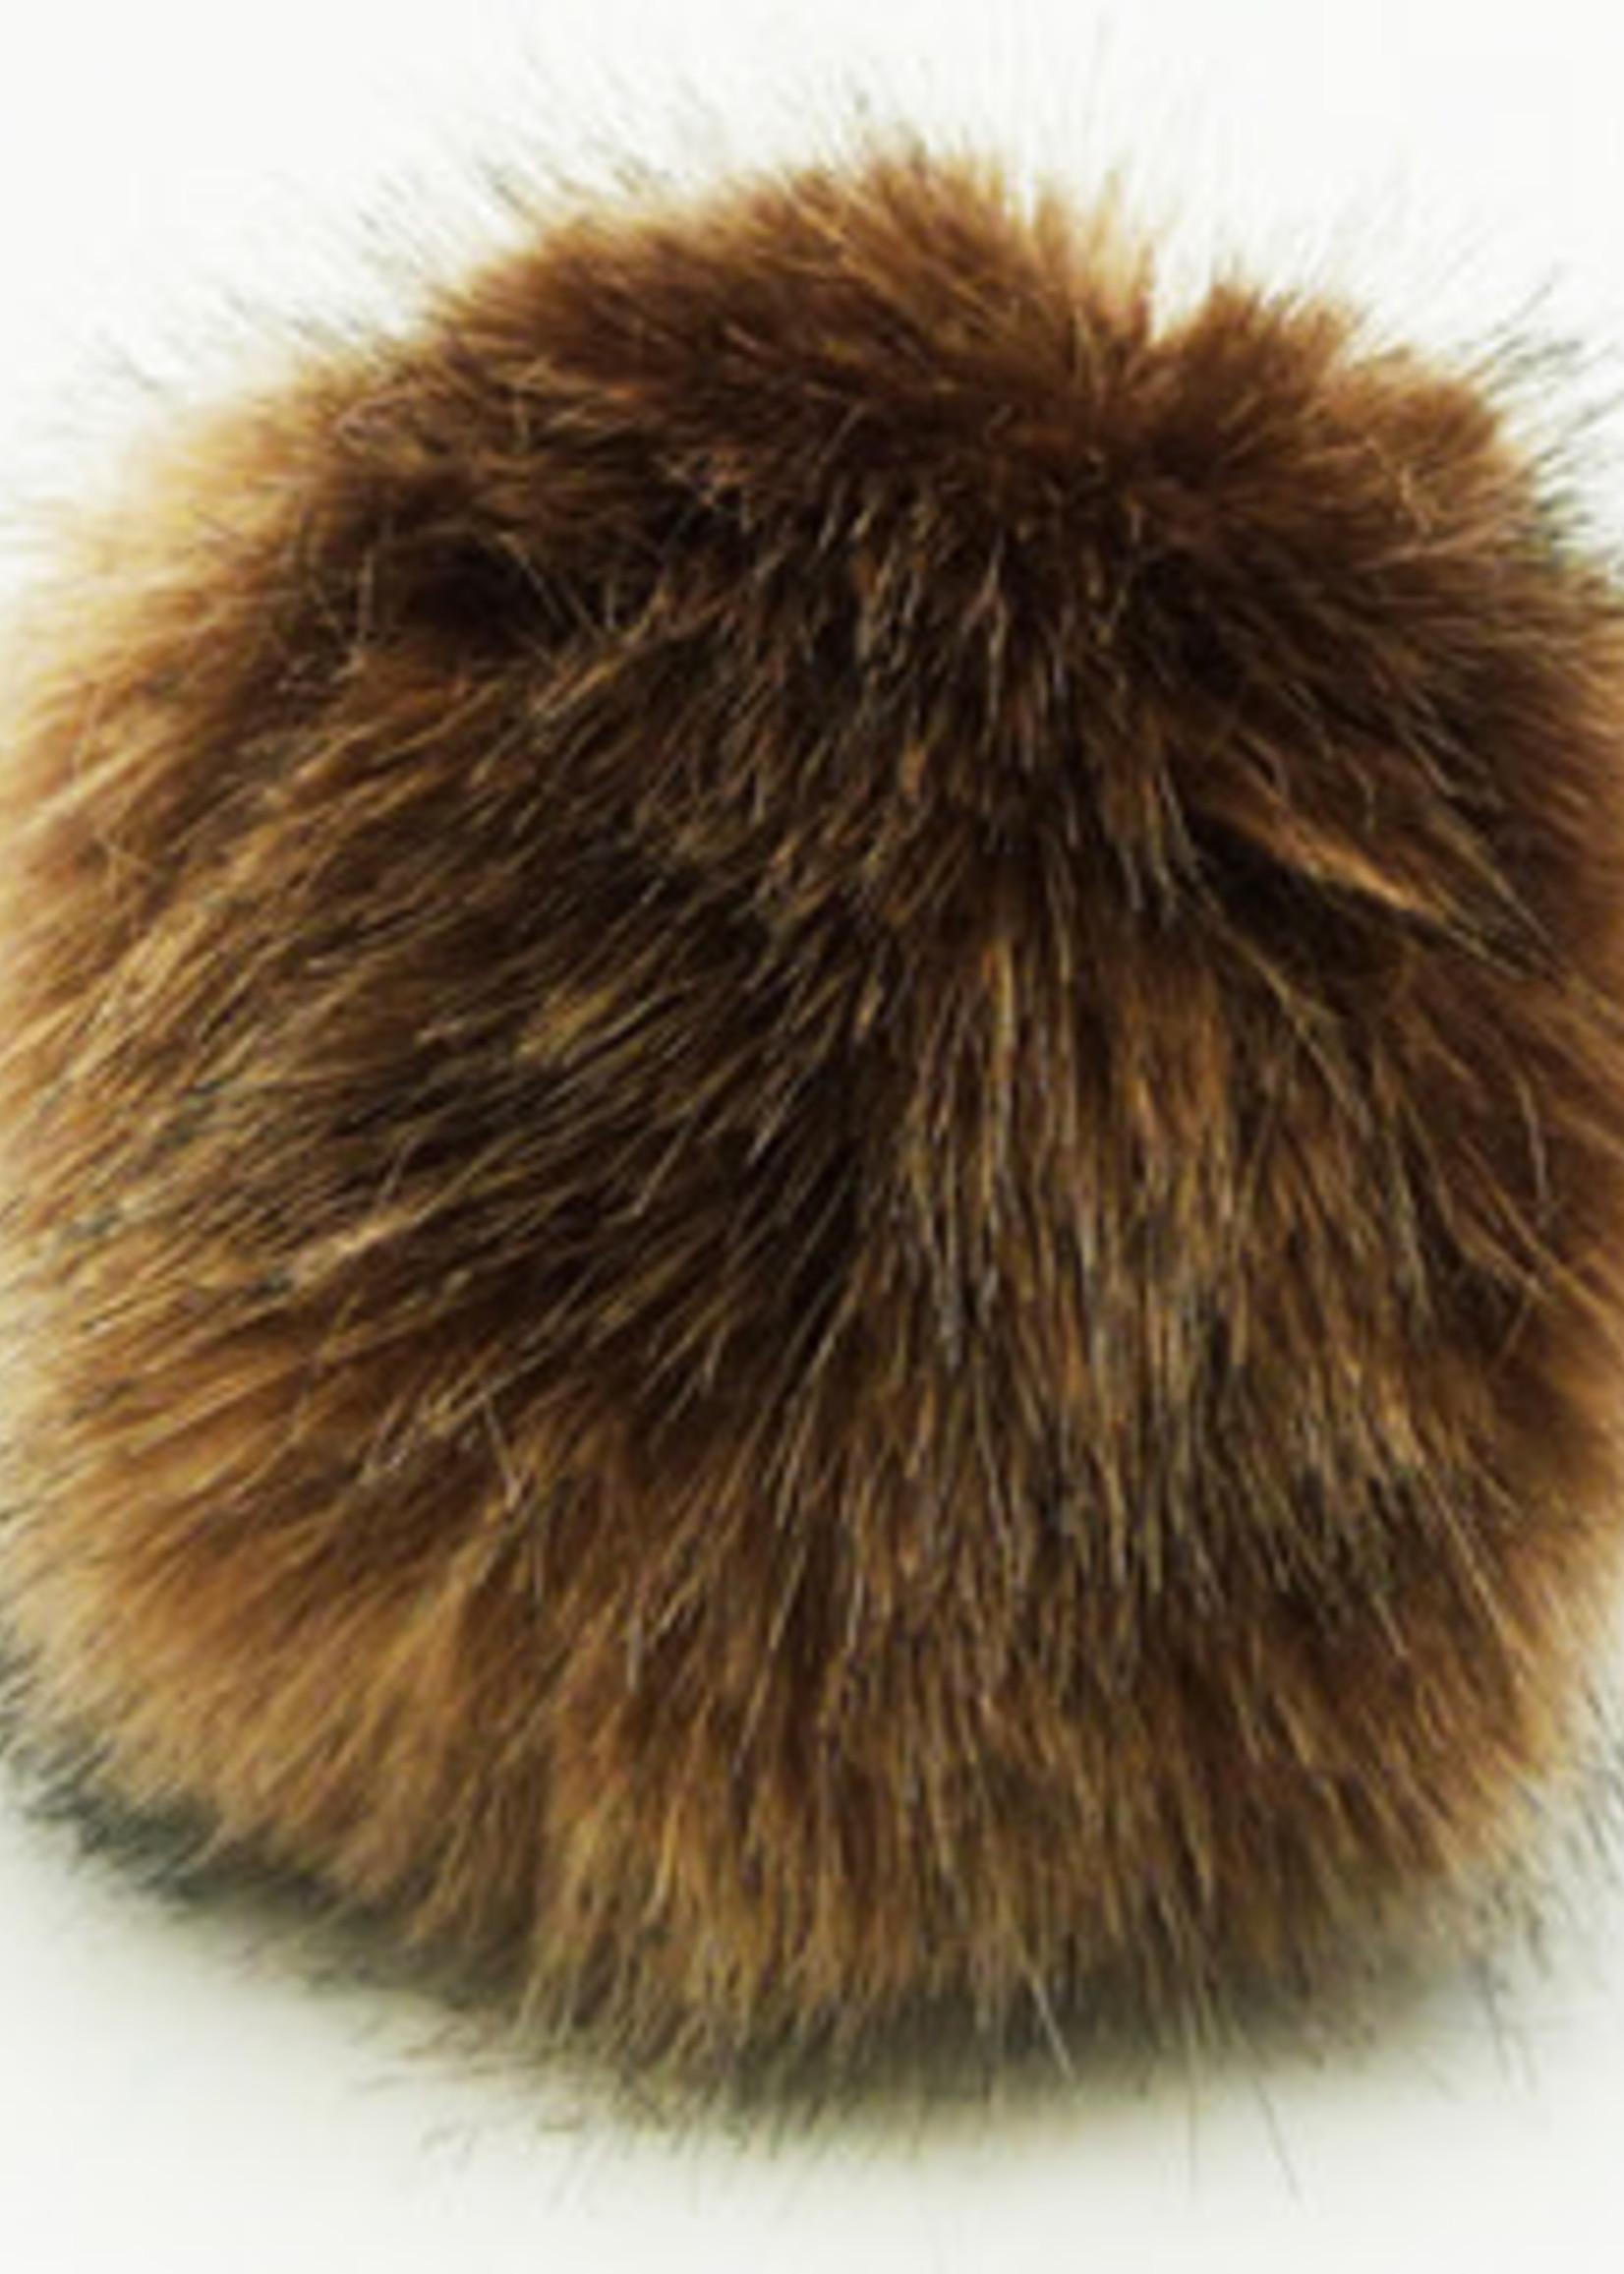 Wild Wild Wool Pompon 10 cm Light Brown